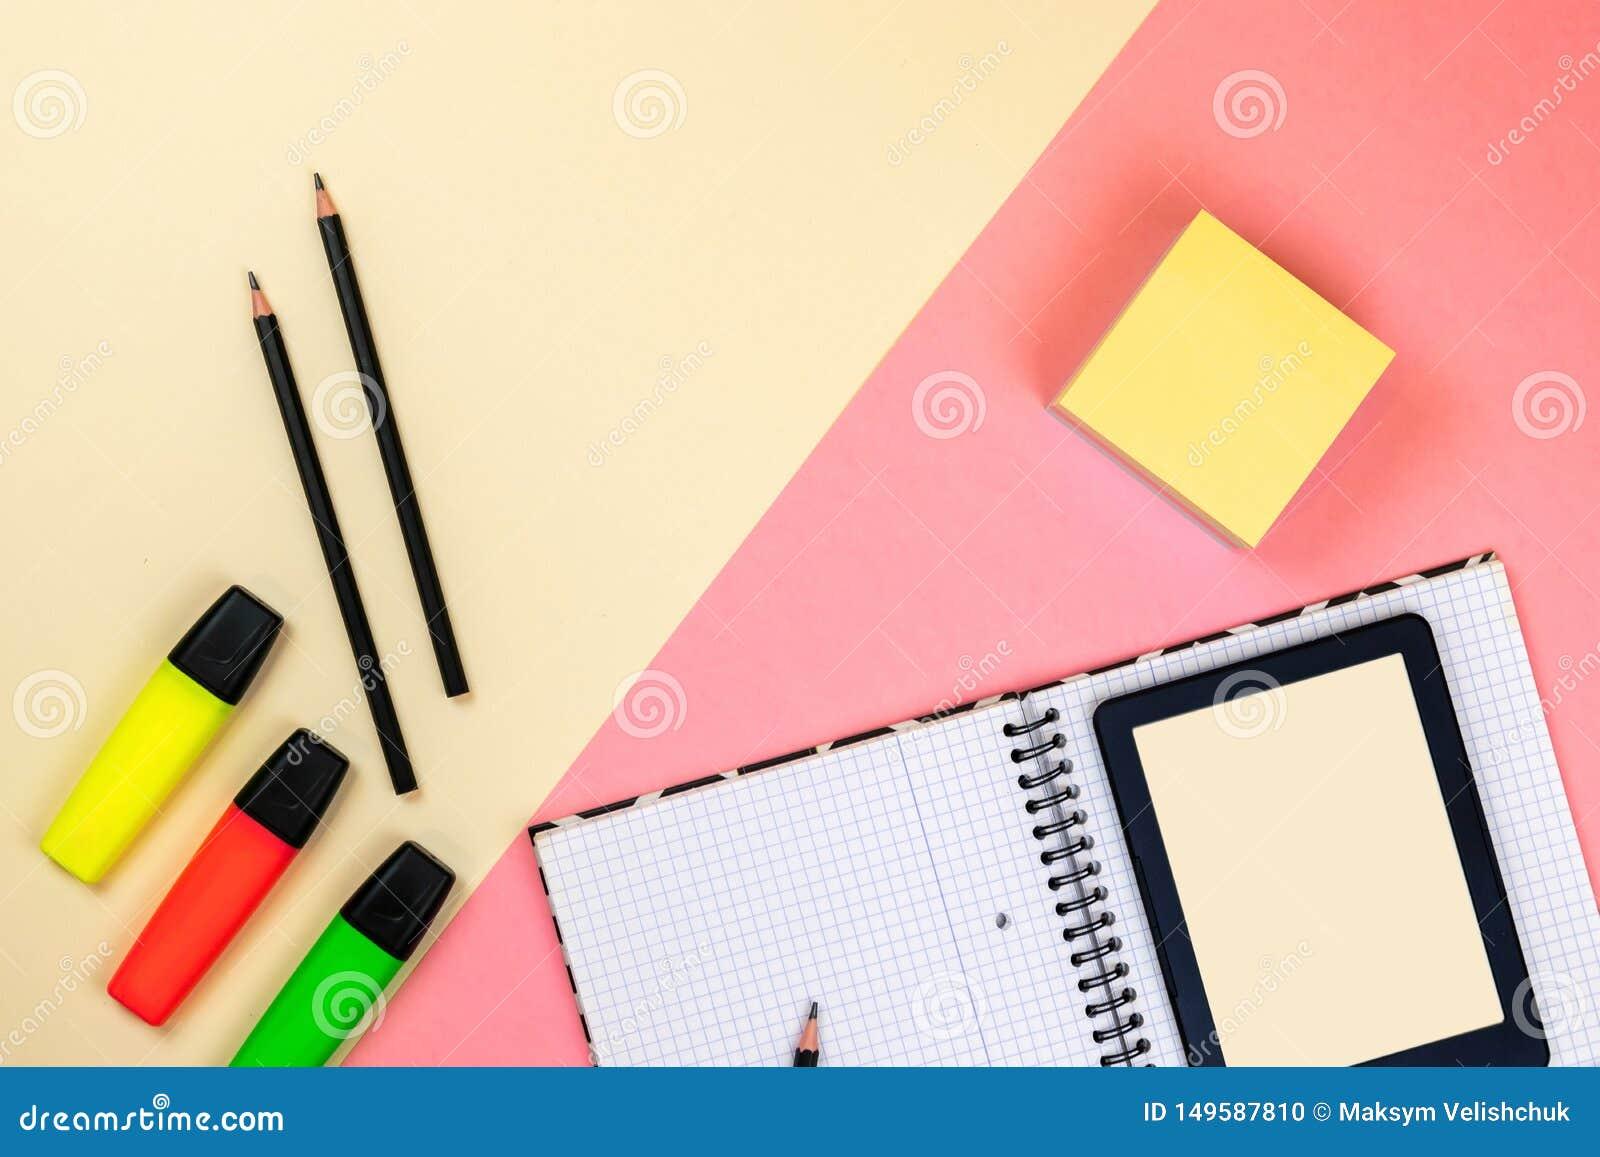 Планшет, школьные принадлежности, тетрадь и покрашенные отметки на пастельной розовой и бежевой предпосылке